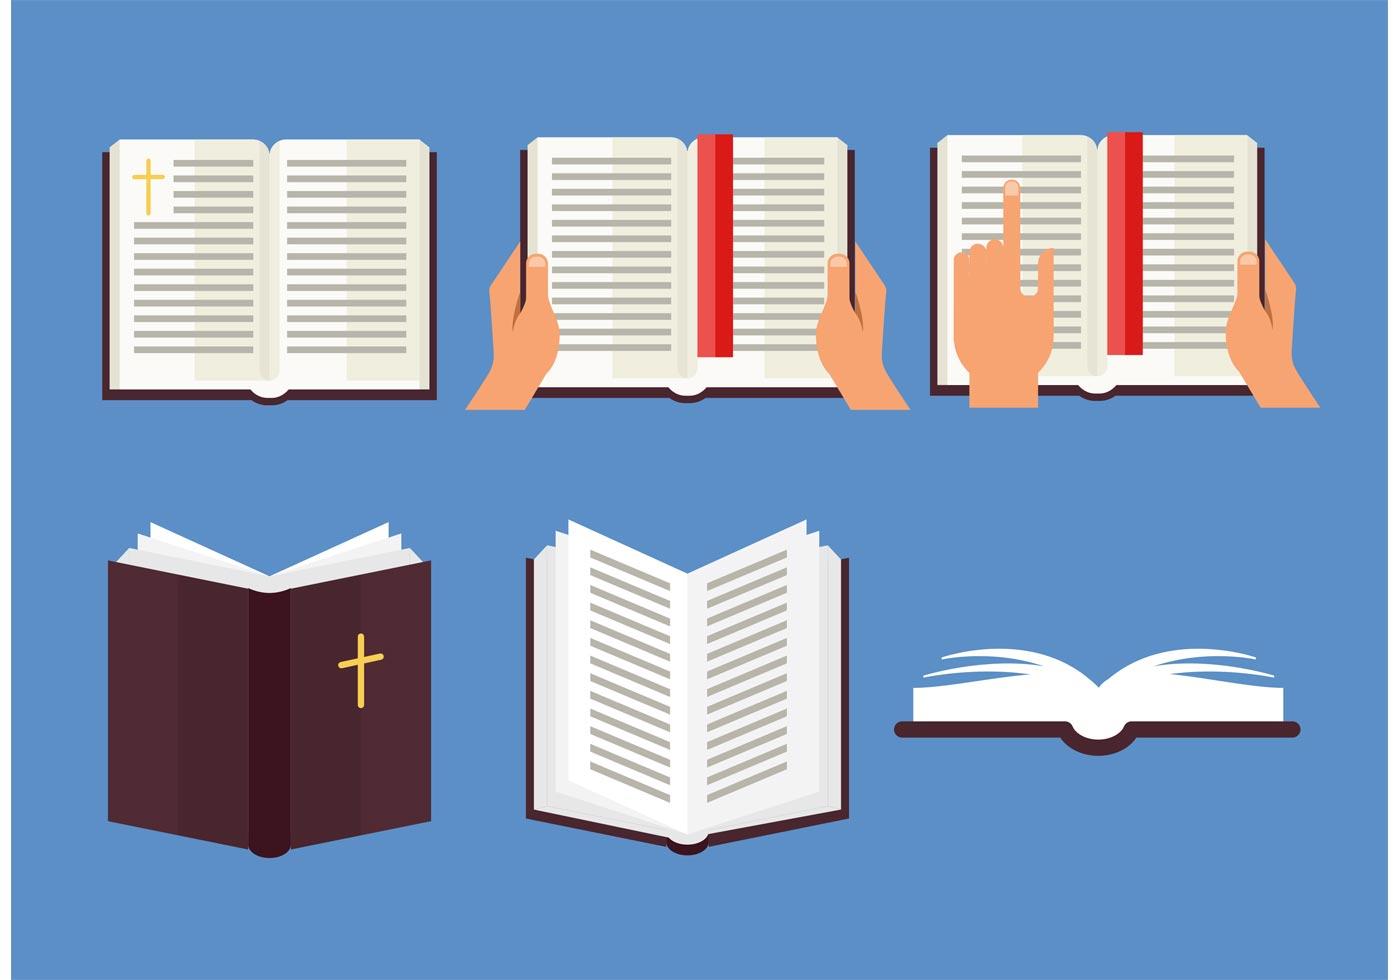 Open Bible Vector Set - Download Free Vector Art, Stock ...